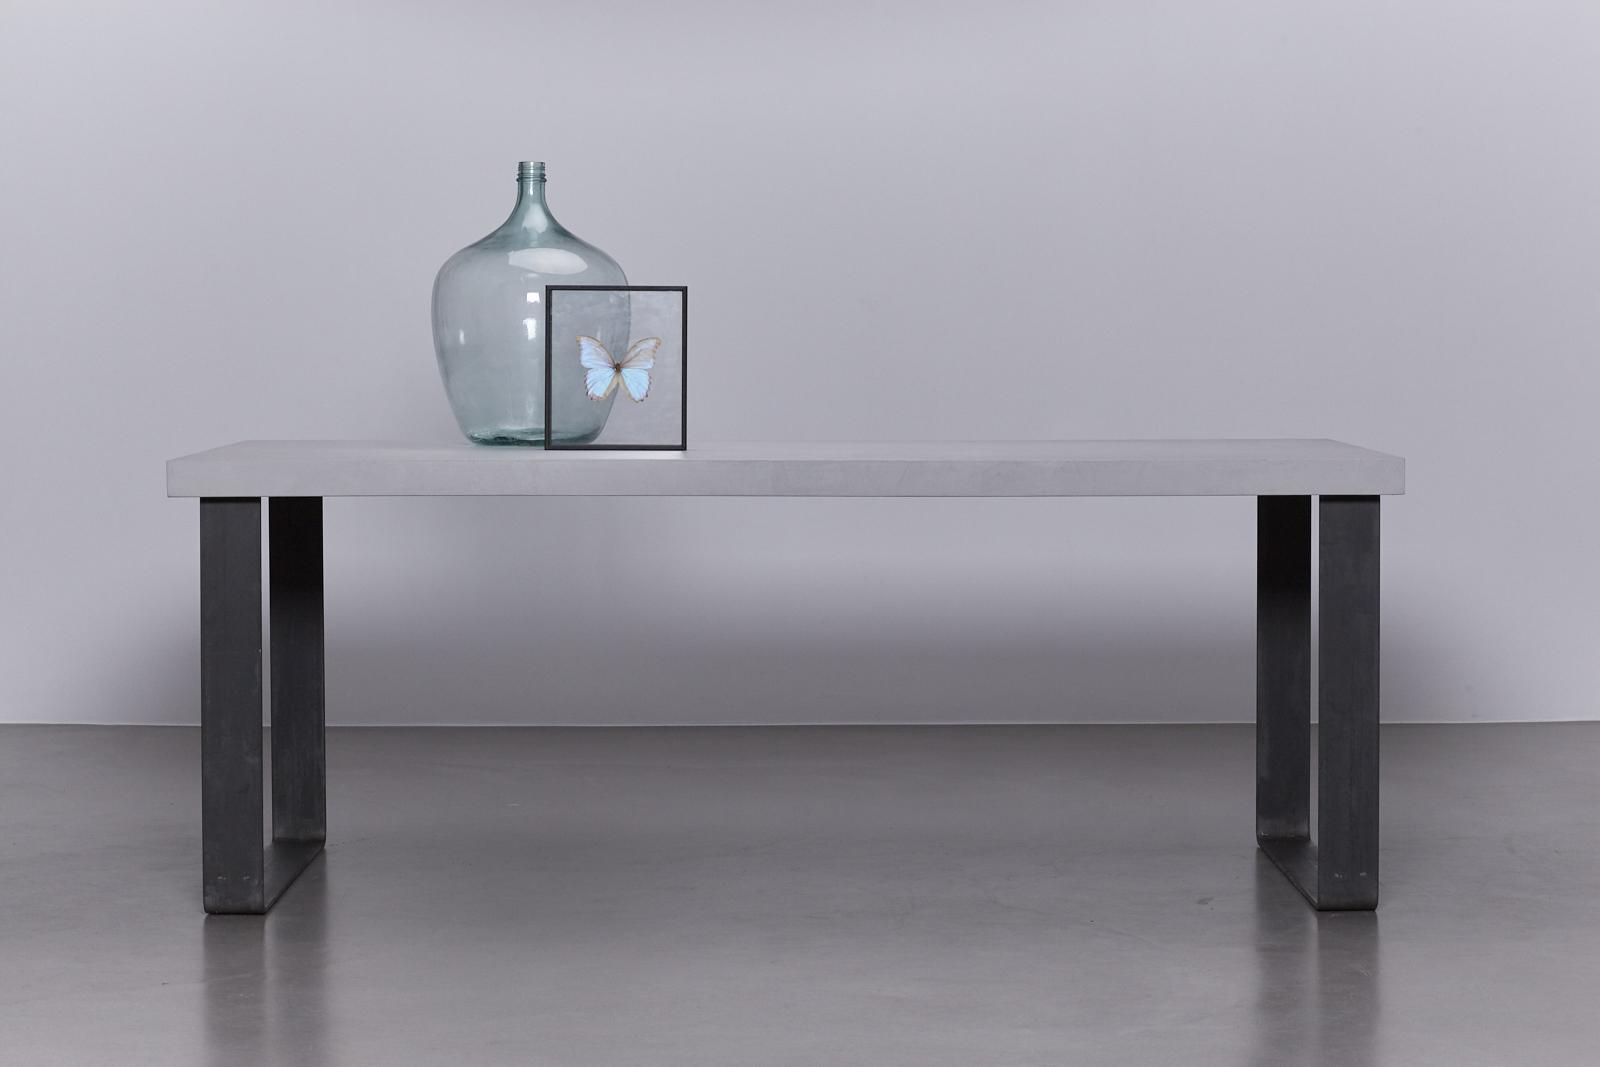 betonlook tafel onderstel blauwstaal de betonfabriek. Black Bedroom Furniture Sets. Home Design Ideas